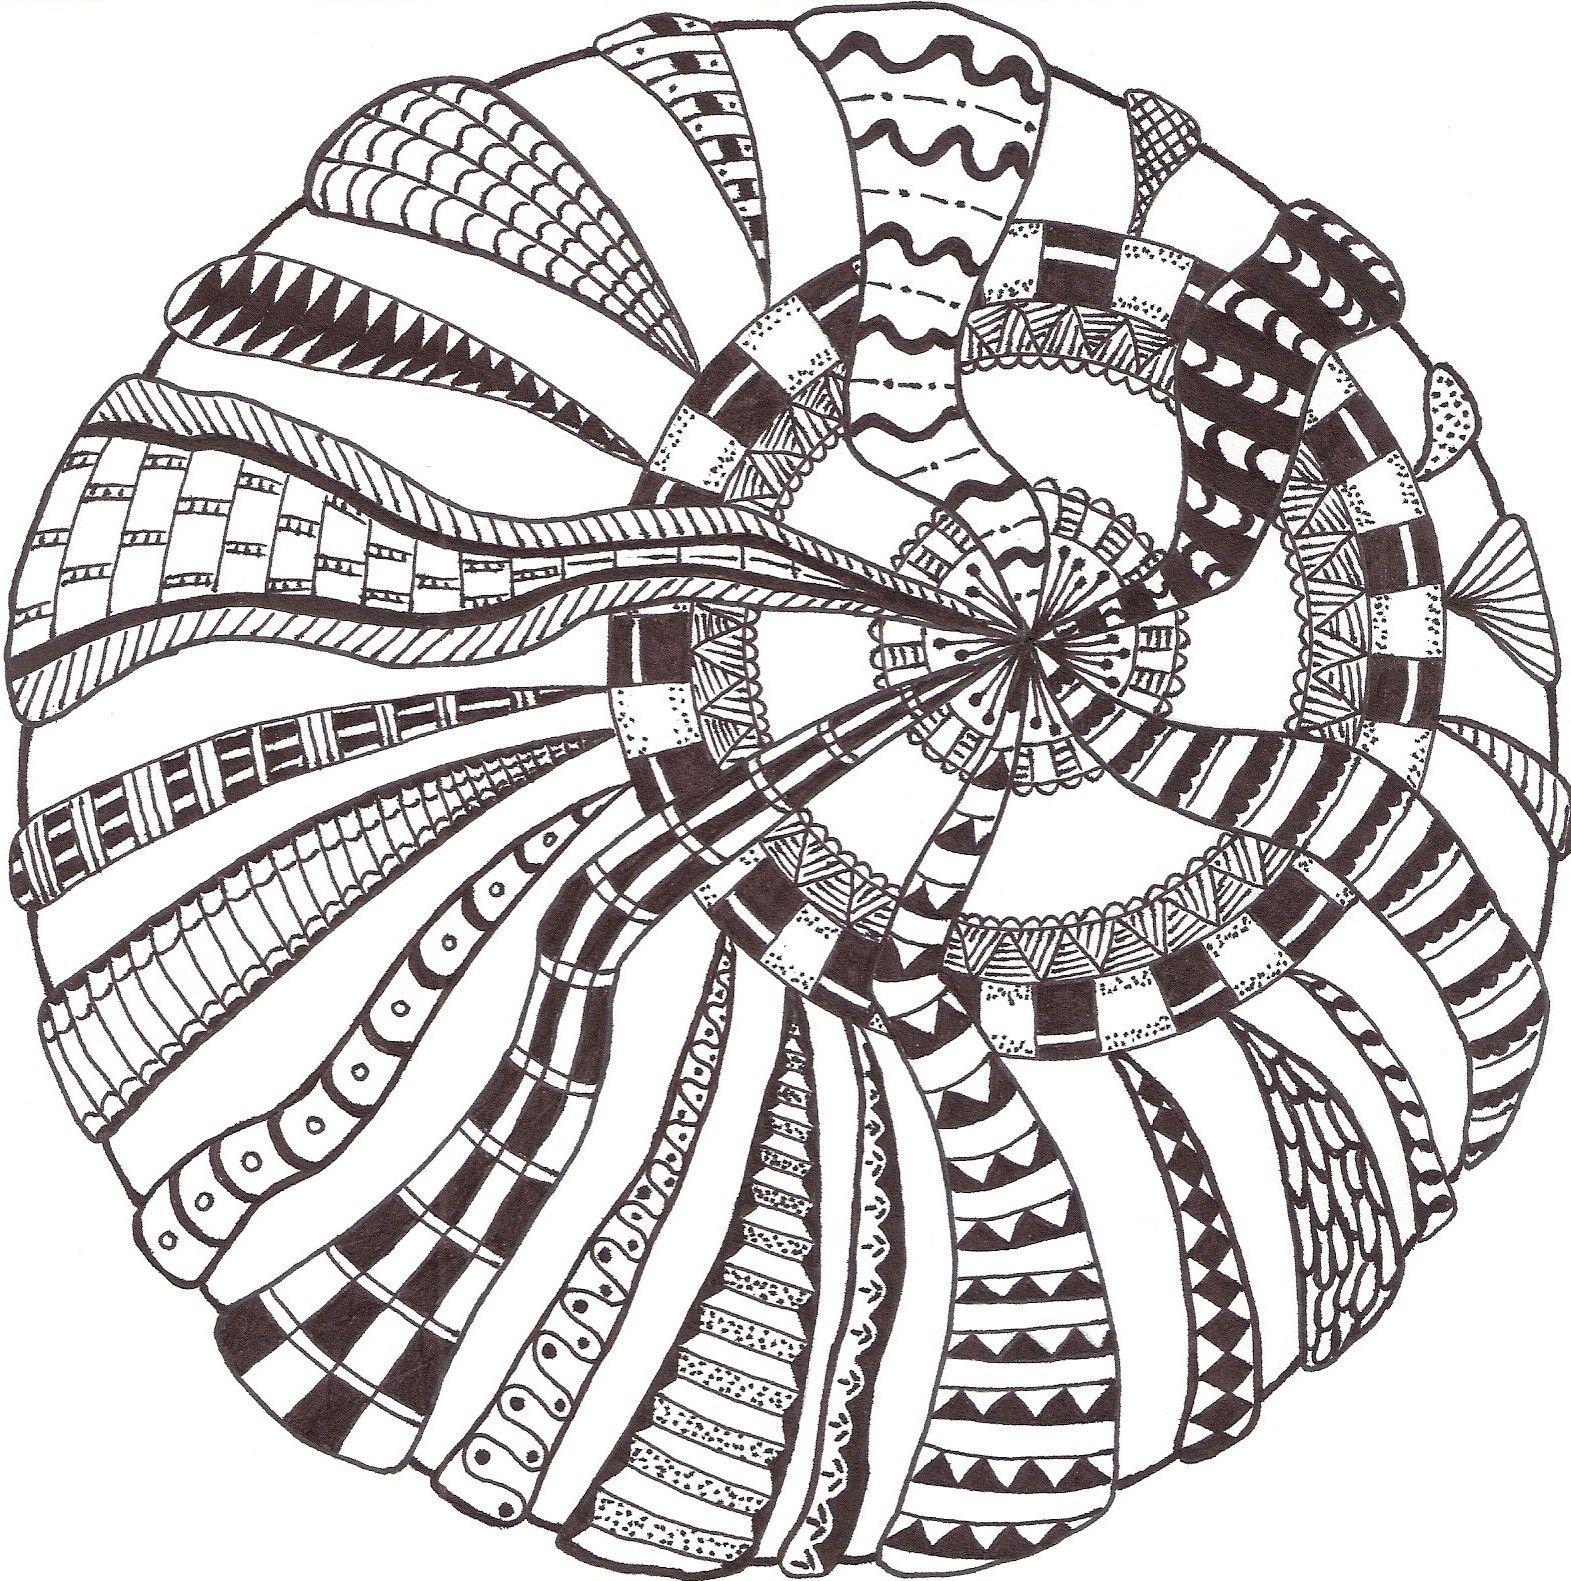 zentangle made by mariska den boer 10 schwarz wei muster zentangle malen und zeichnen und. Black Bedroom Furniture Sets. Home Design Ideas